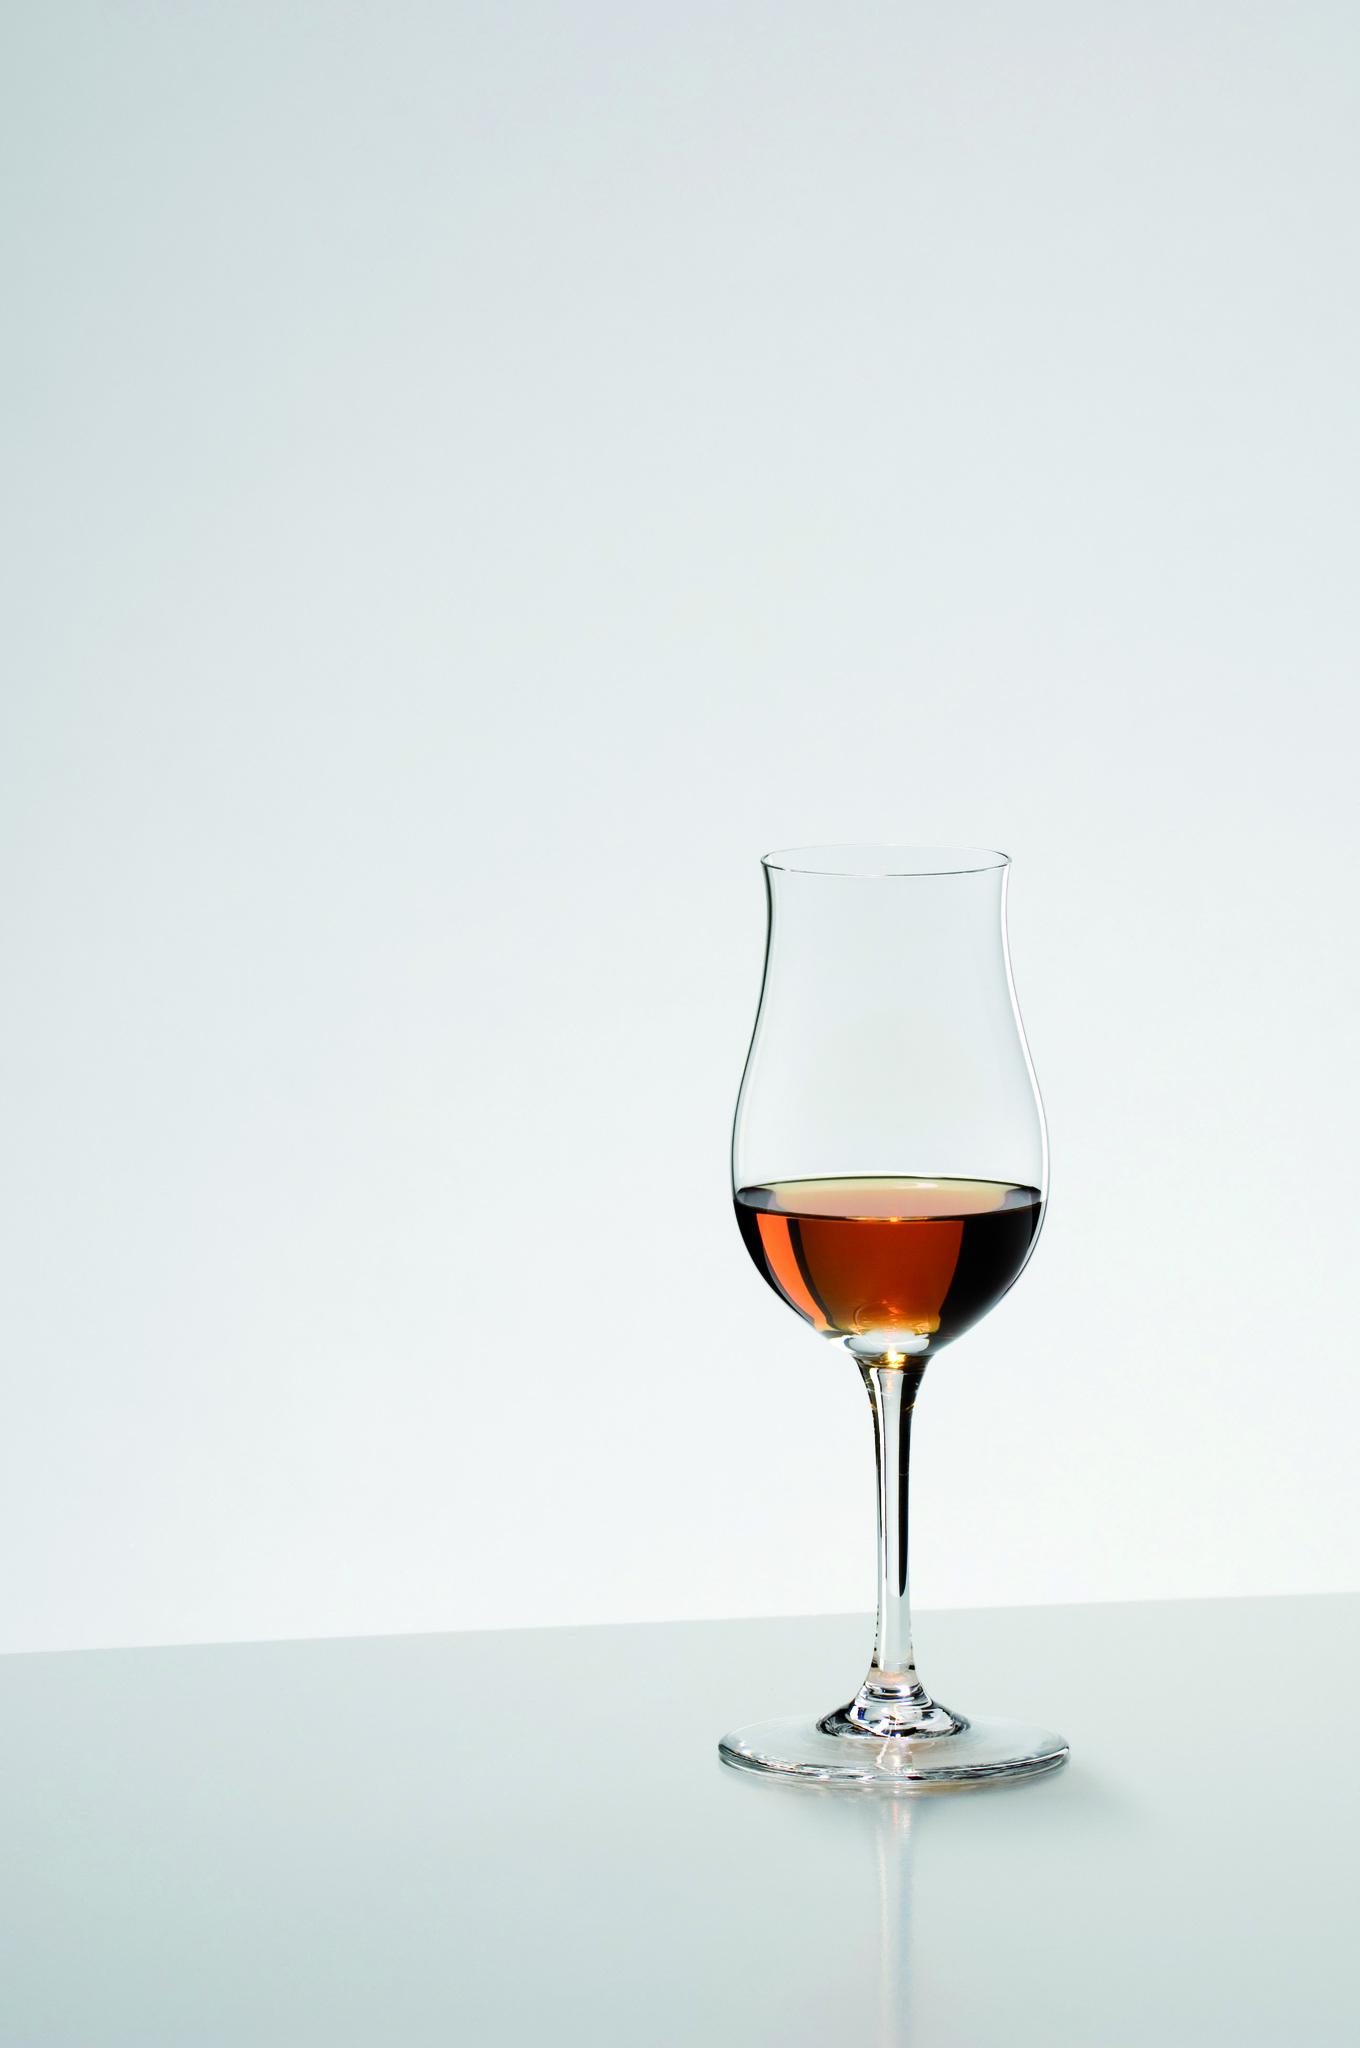 Бокалы Бокал для коньяка 160мл Riedel Sommeliers Destillate Cognac VSOP bokal-dlya-konyaka-160-ml-riedel-cognac-vsop-avstriya.jpg